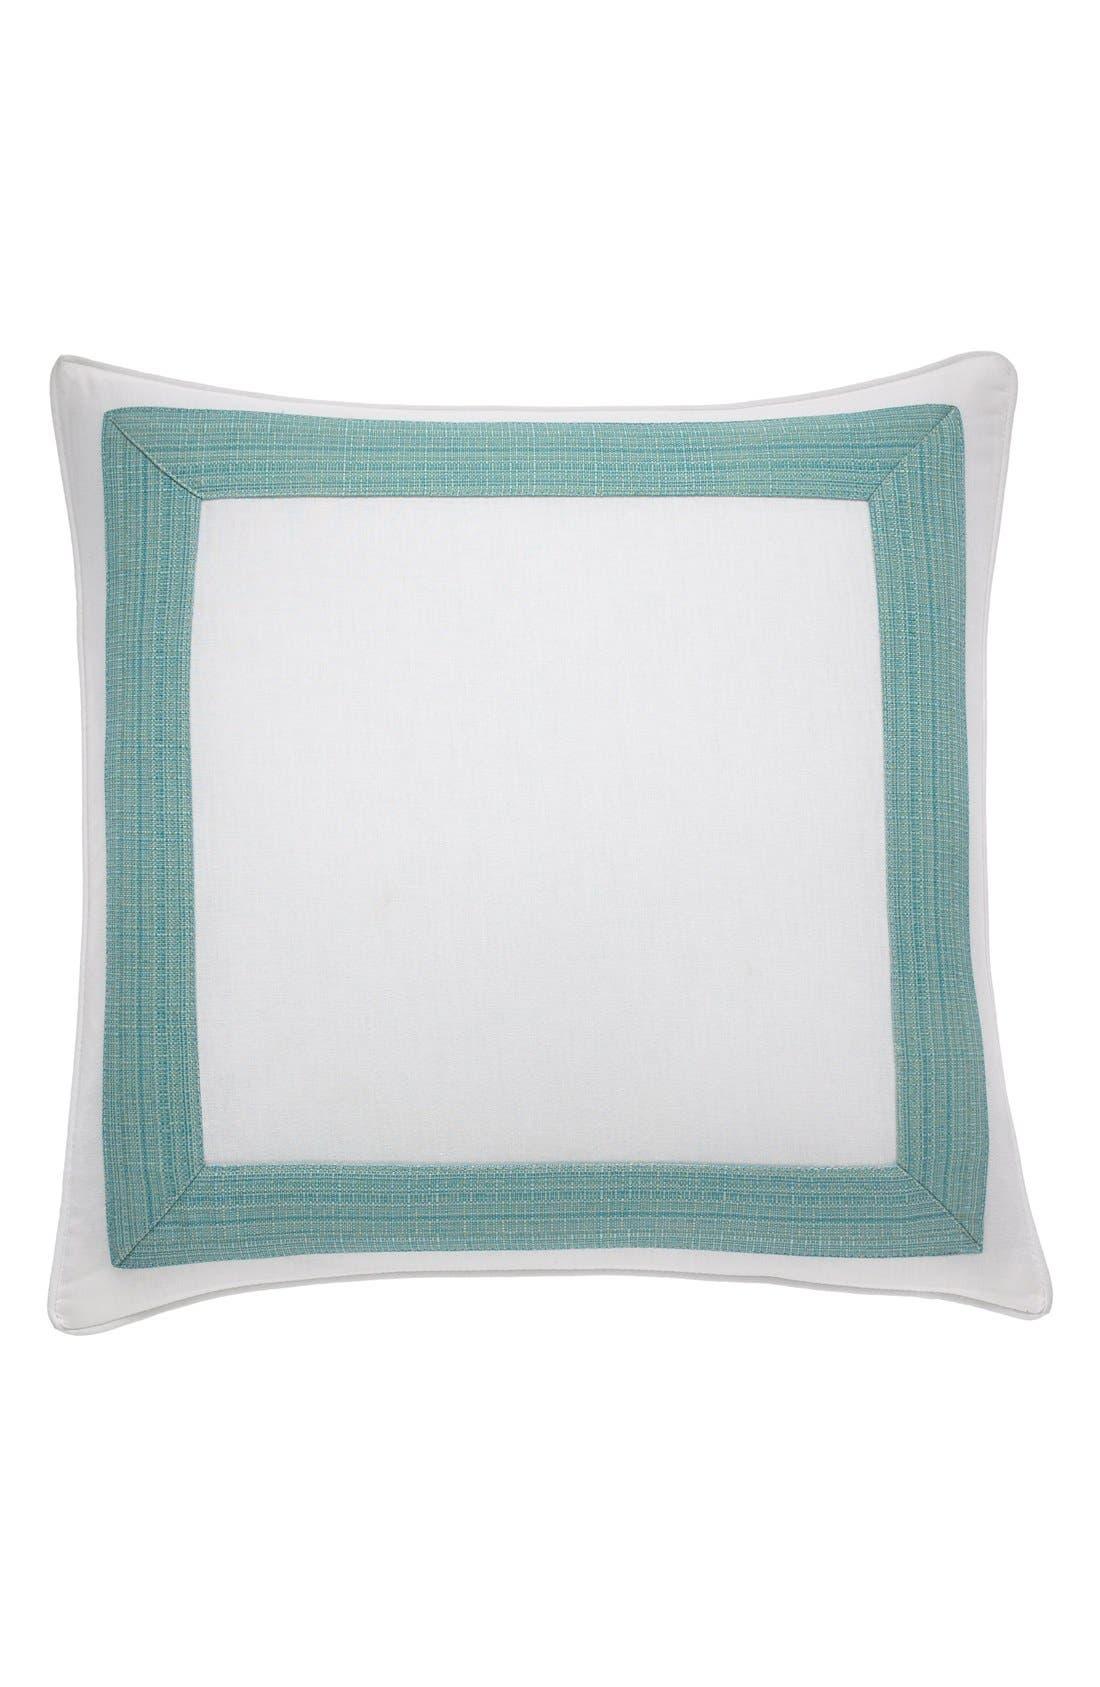 'Seaglass Border' Pillow,                         Main,                         color, Seaglass